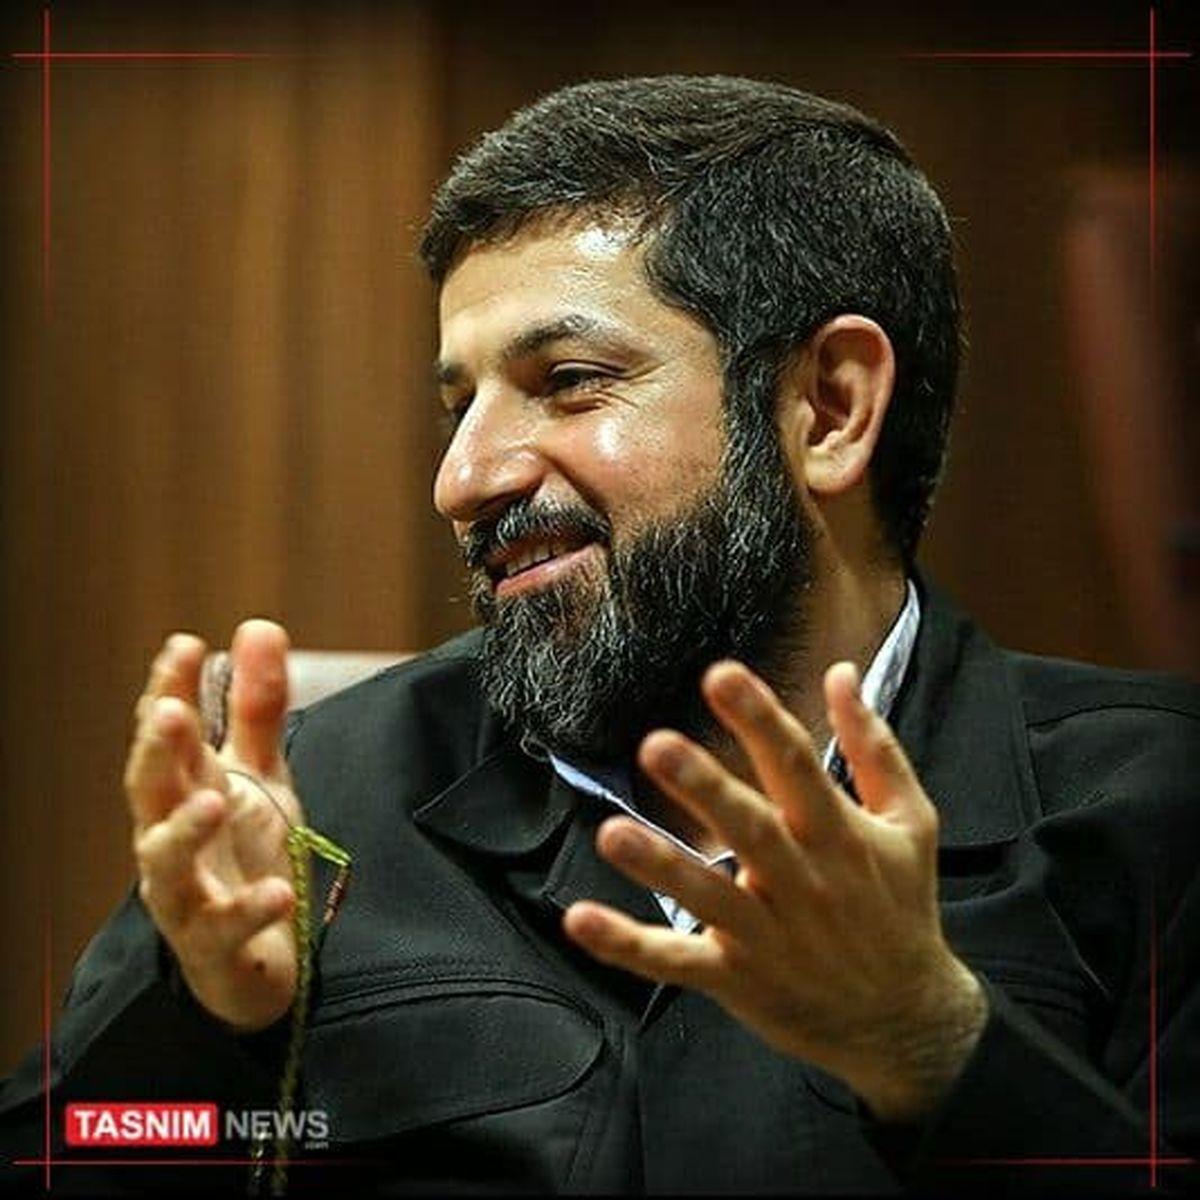 استاندار سابق خوزستان پشت درب اتاق بازپرس